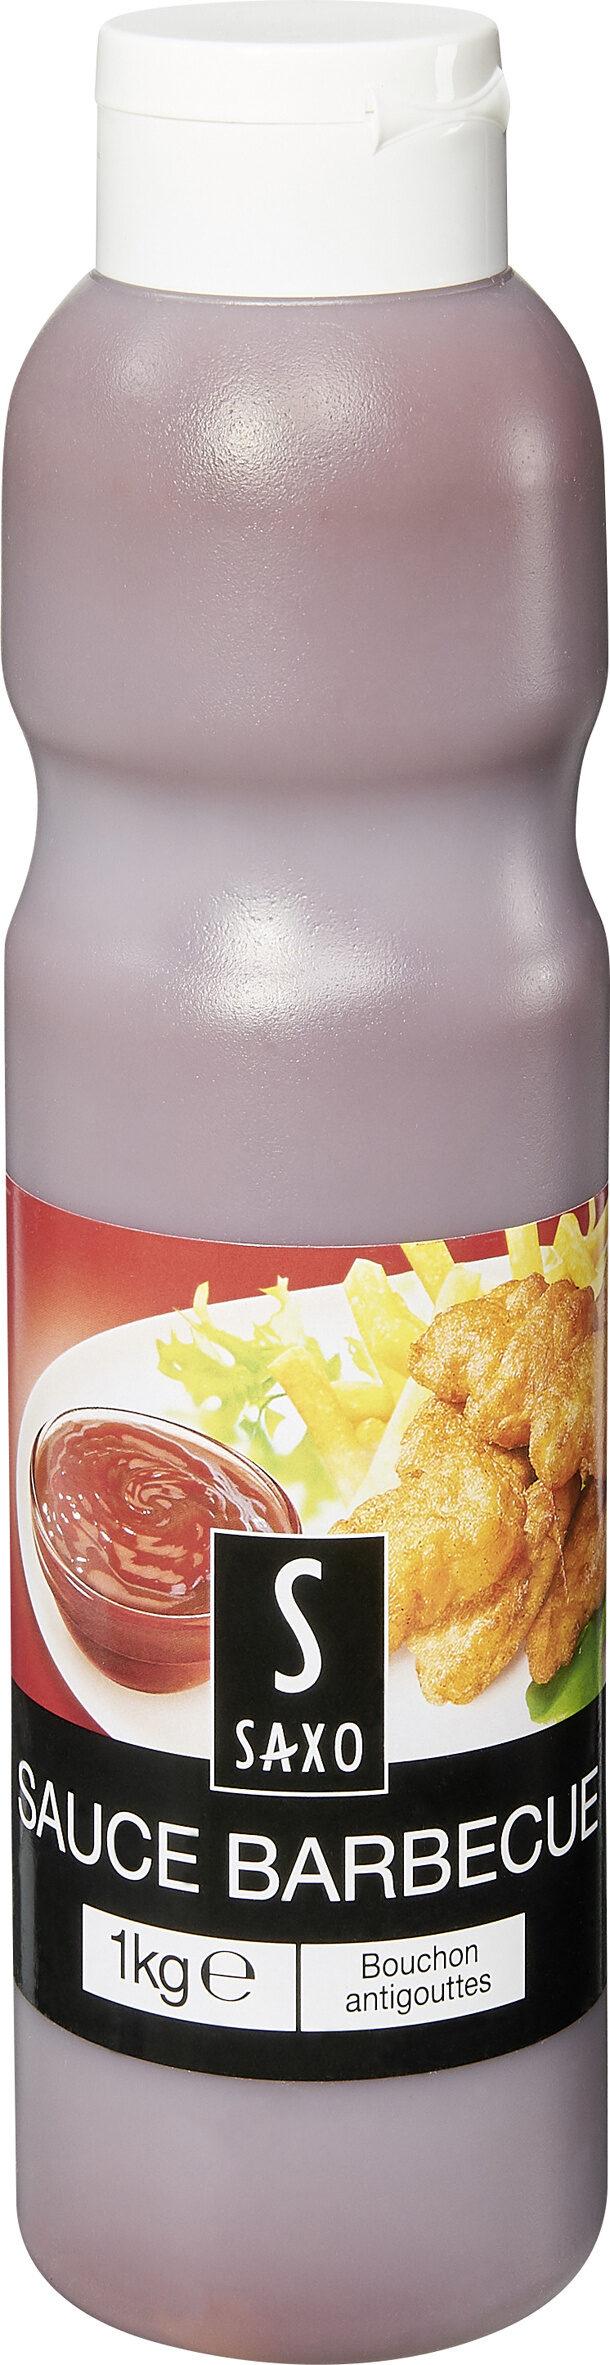 Sauce Barbecue - Prodotto - fr